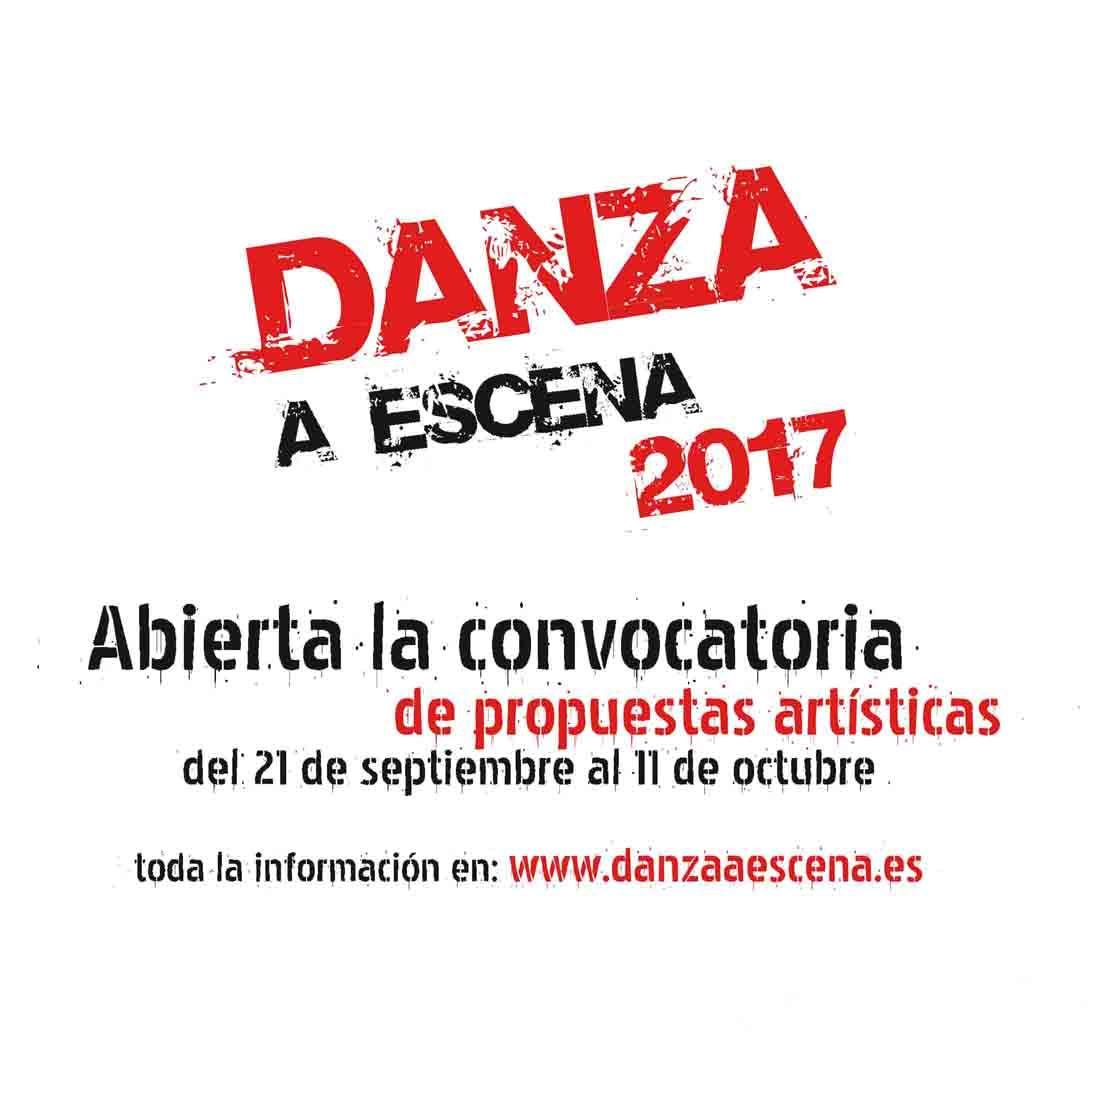 Se abre la convocatoria para la presentación de propuestas artísticas al circuito 'Danza a Escena' 2017